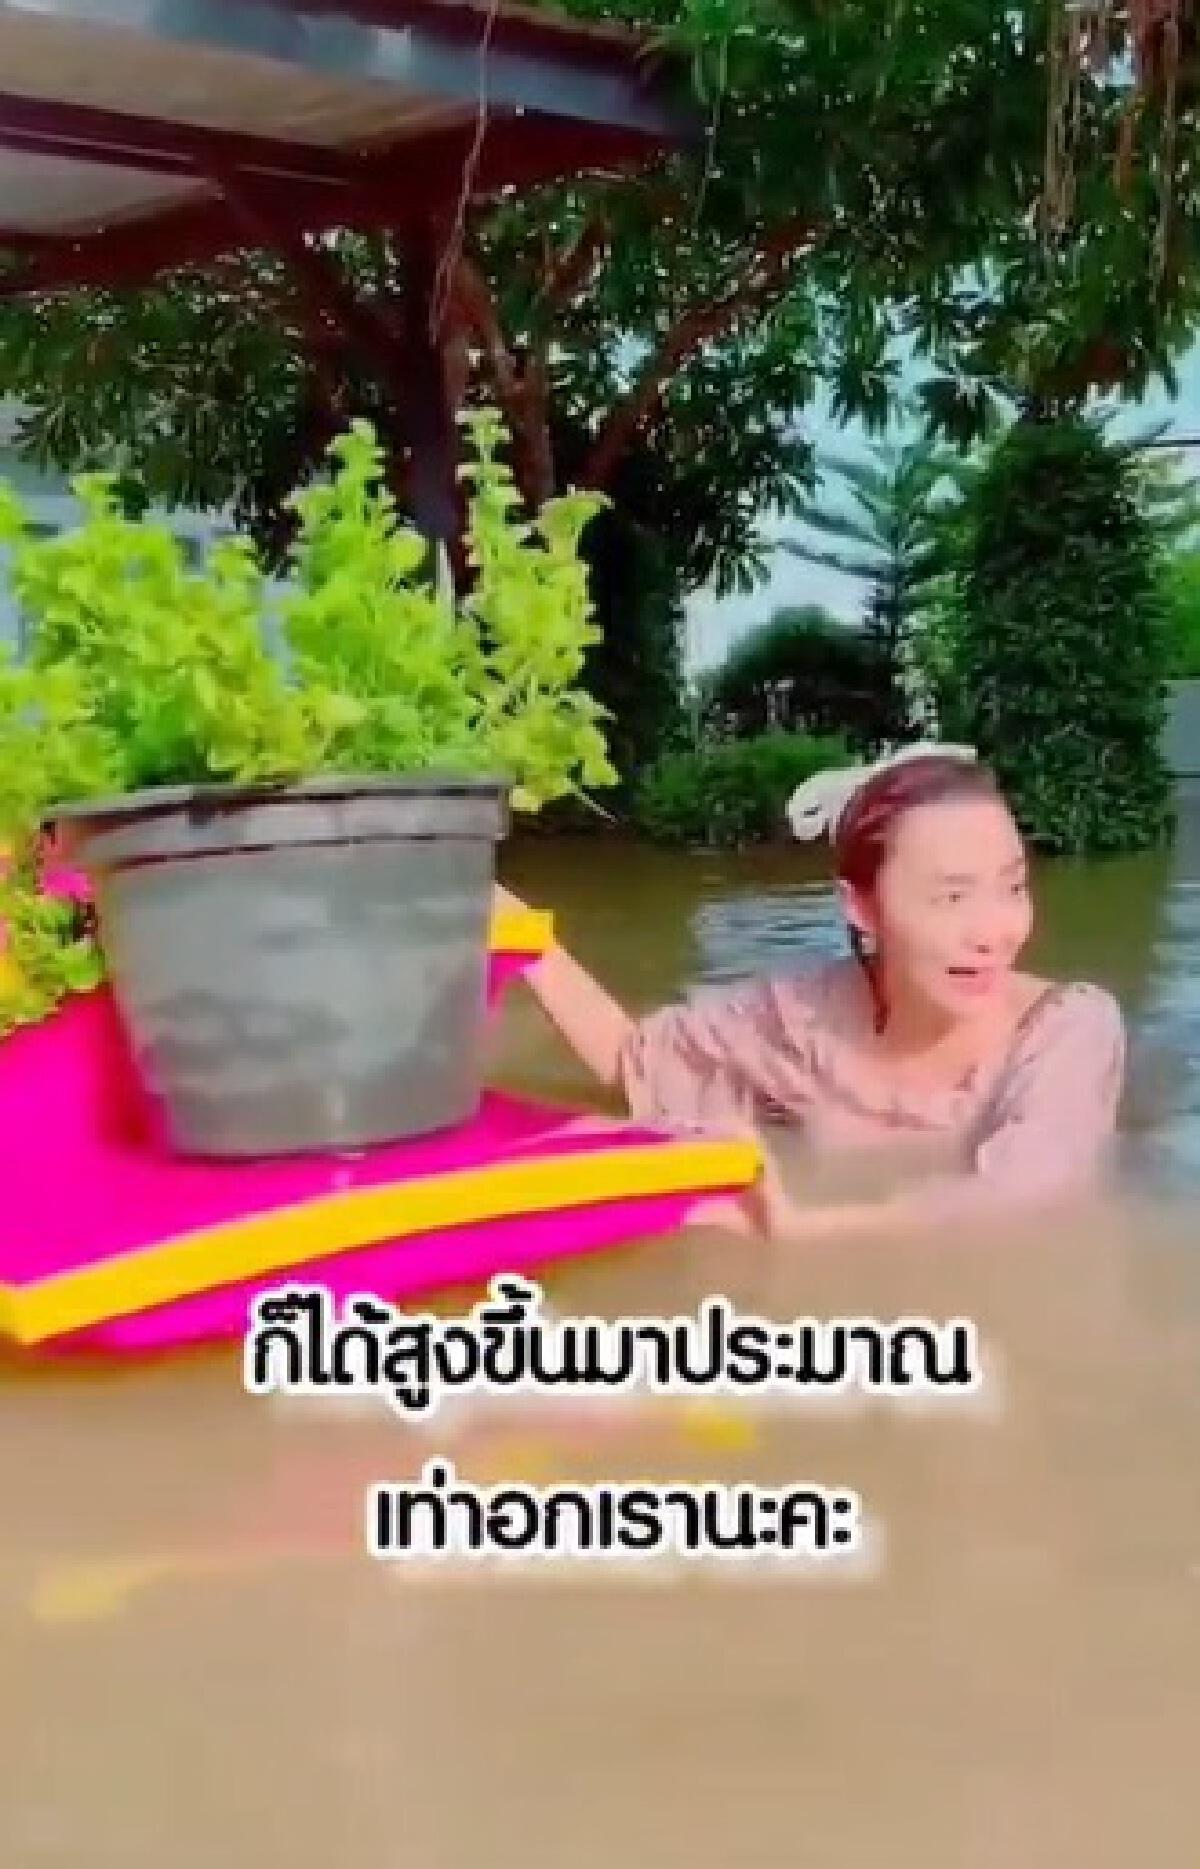 ต้อม ณหทัย ว่ายน้ำโชว์! บ้านถูกน้ำท่วมหนัก แถมบ้านเรือหลักล้านล่มคาตา